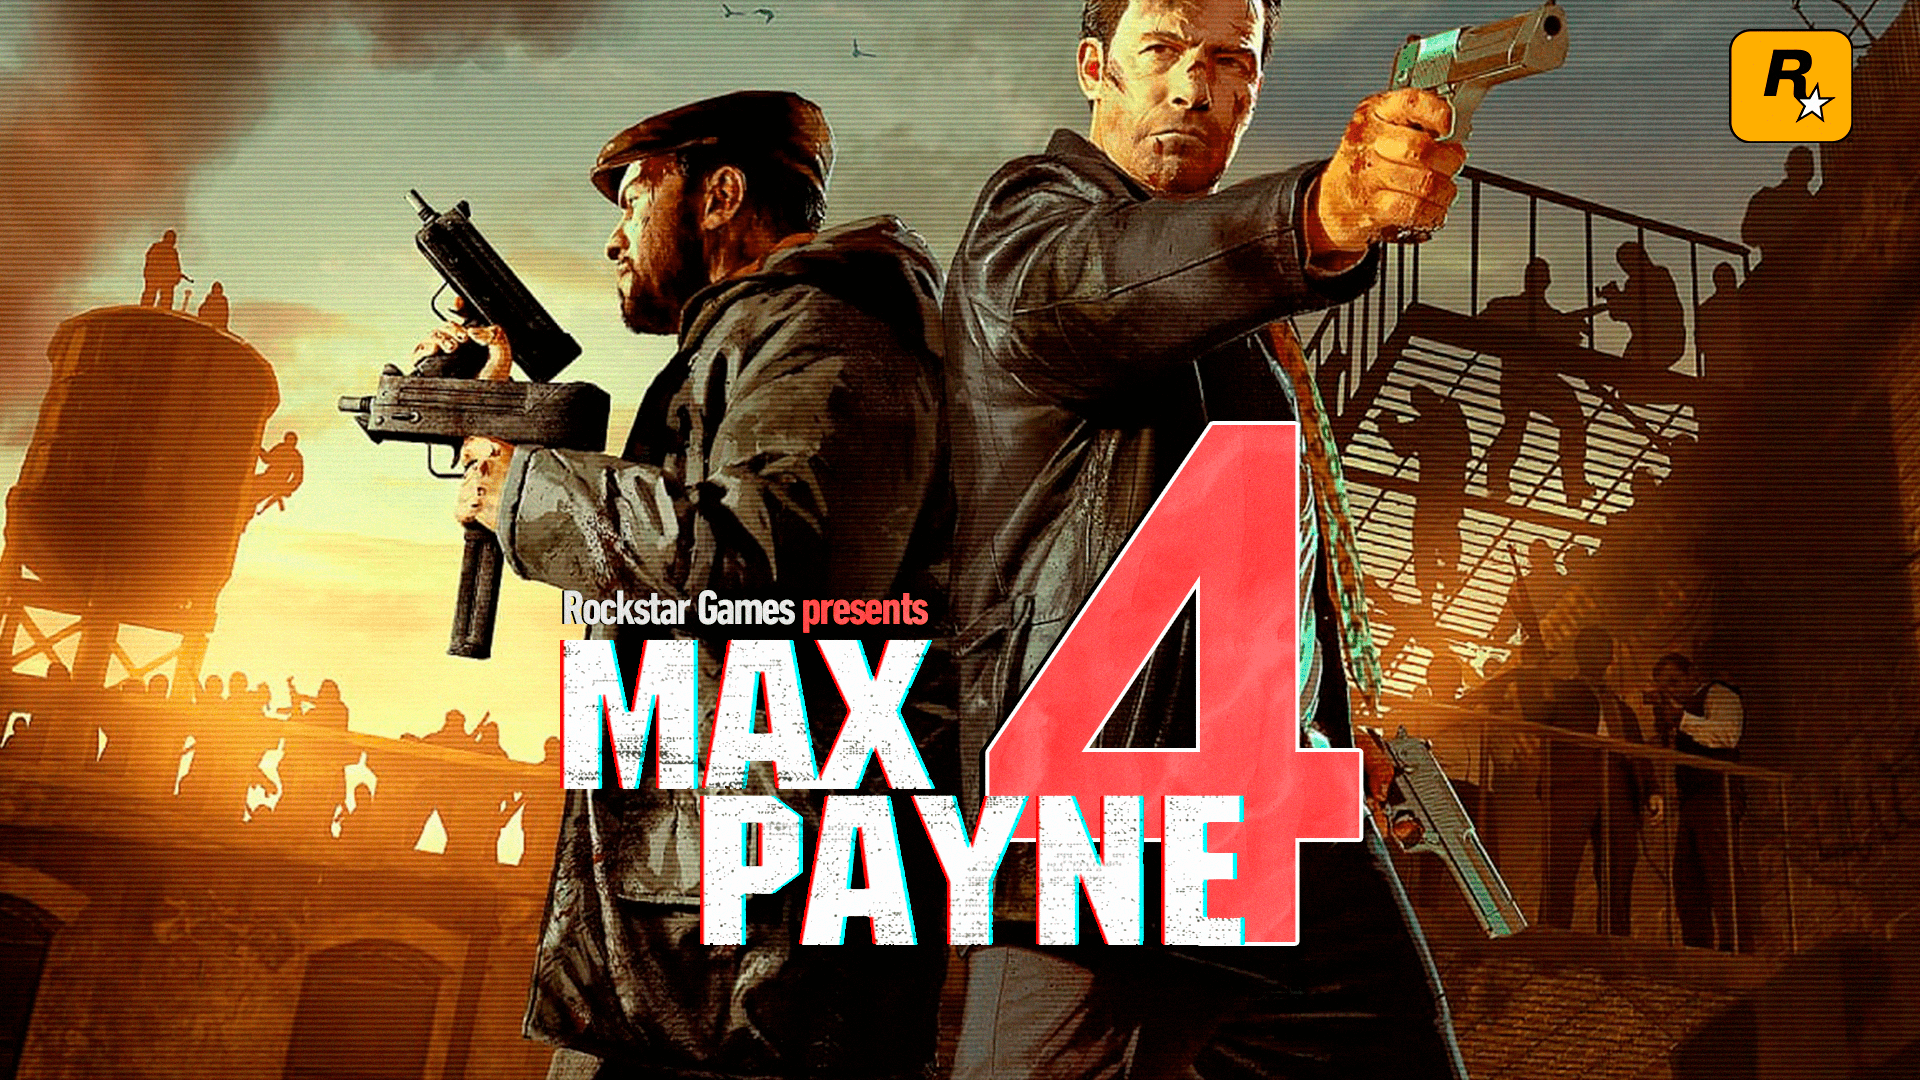 Um rumor que começou a circular diz que a Rockstar Games está trabalhar na sequência de Max Payne para ser lançado depois de GTA 6.